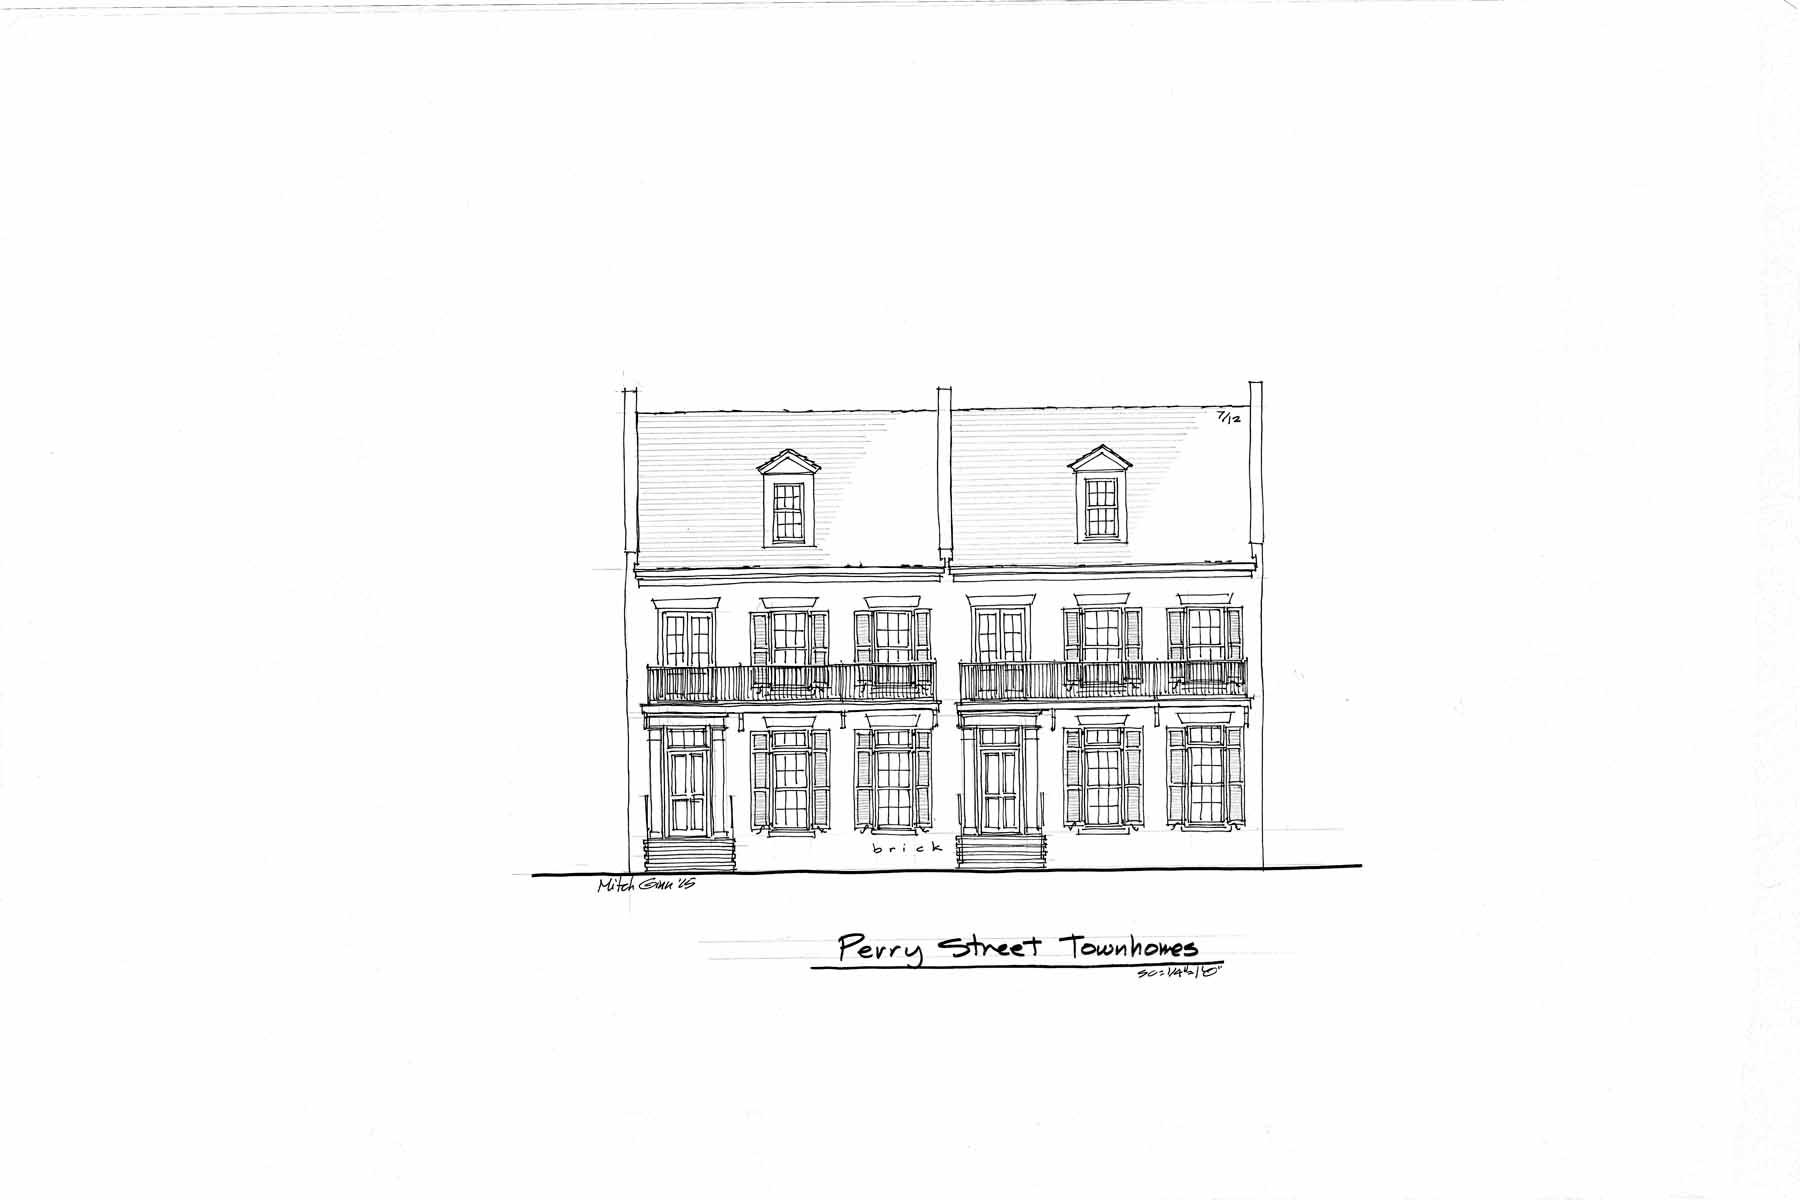 Nhà phố vì Bán tại Historic Savannah Style Architecture Comes to Downtown Newnan 34 Perry Street Unit B Newnan, Georgia, 30263 Hoa Kỳ